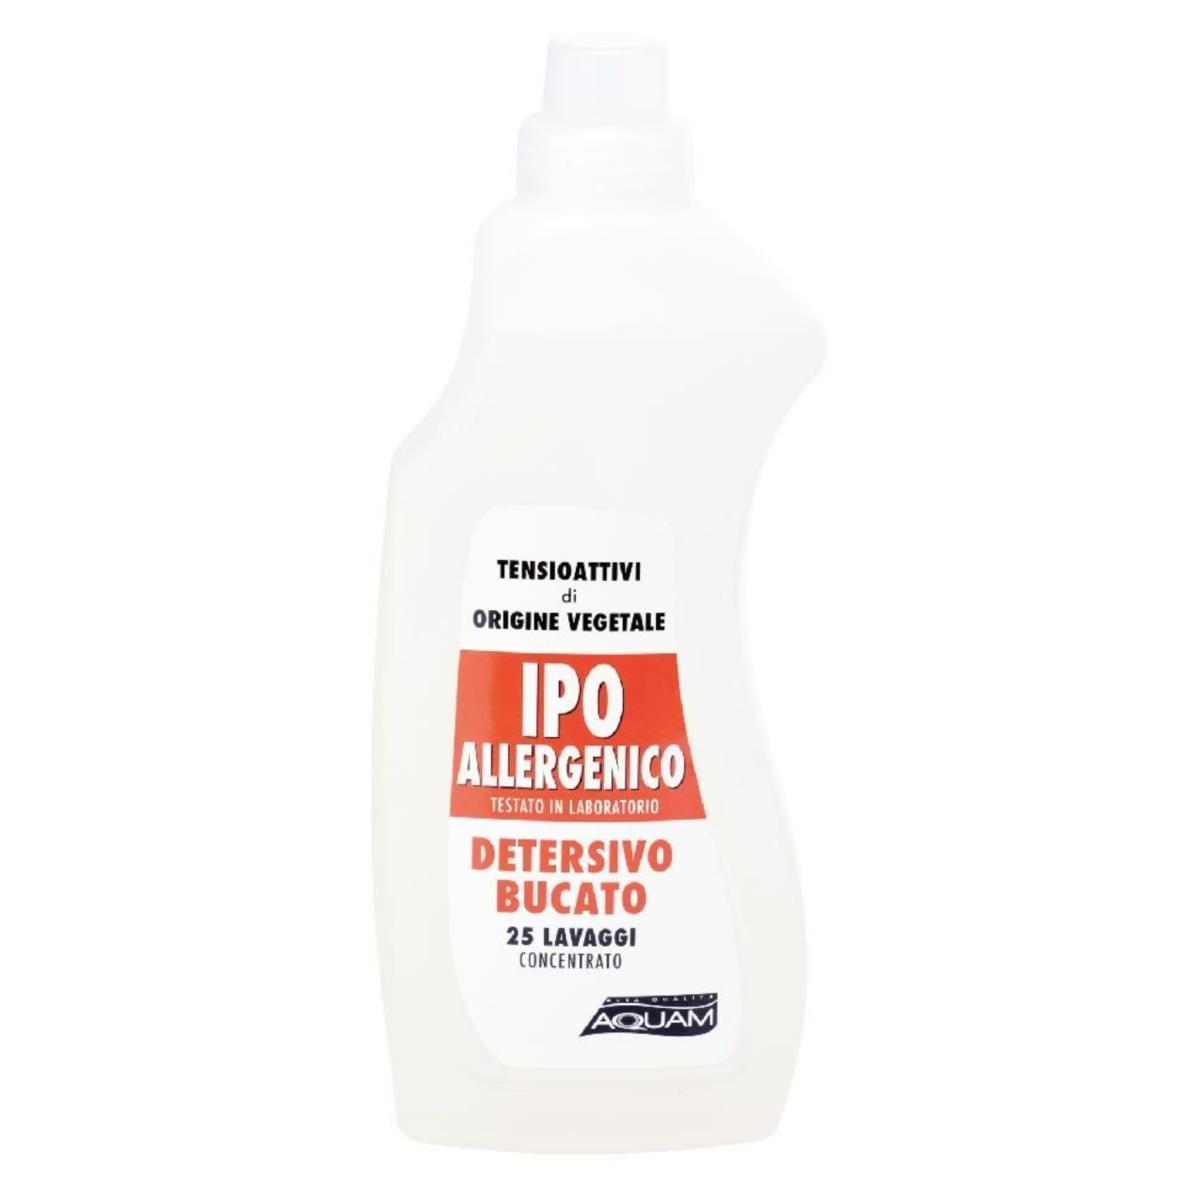 Ipoallergenico Detersivo Bucato 1 L